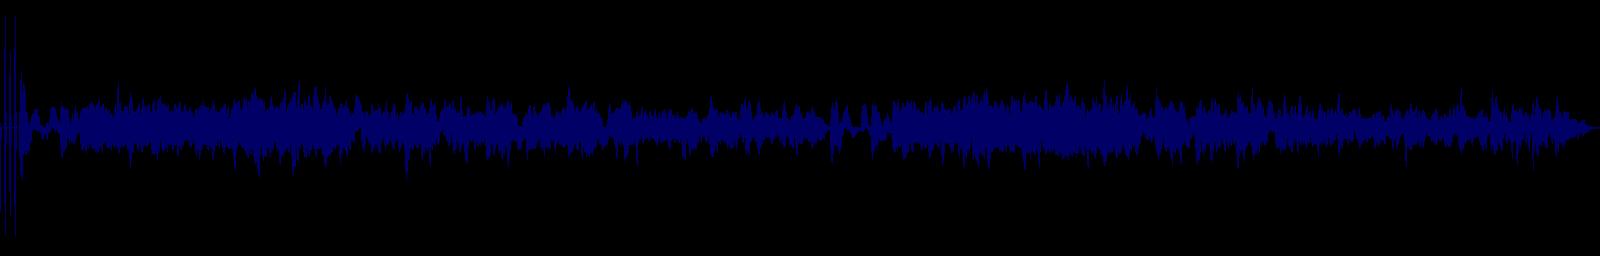 waveform of track #132335